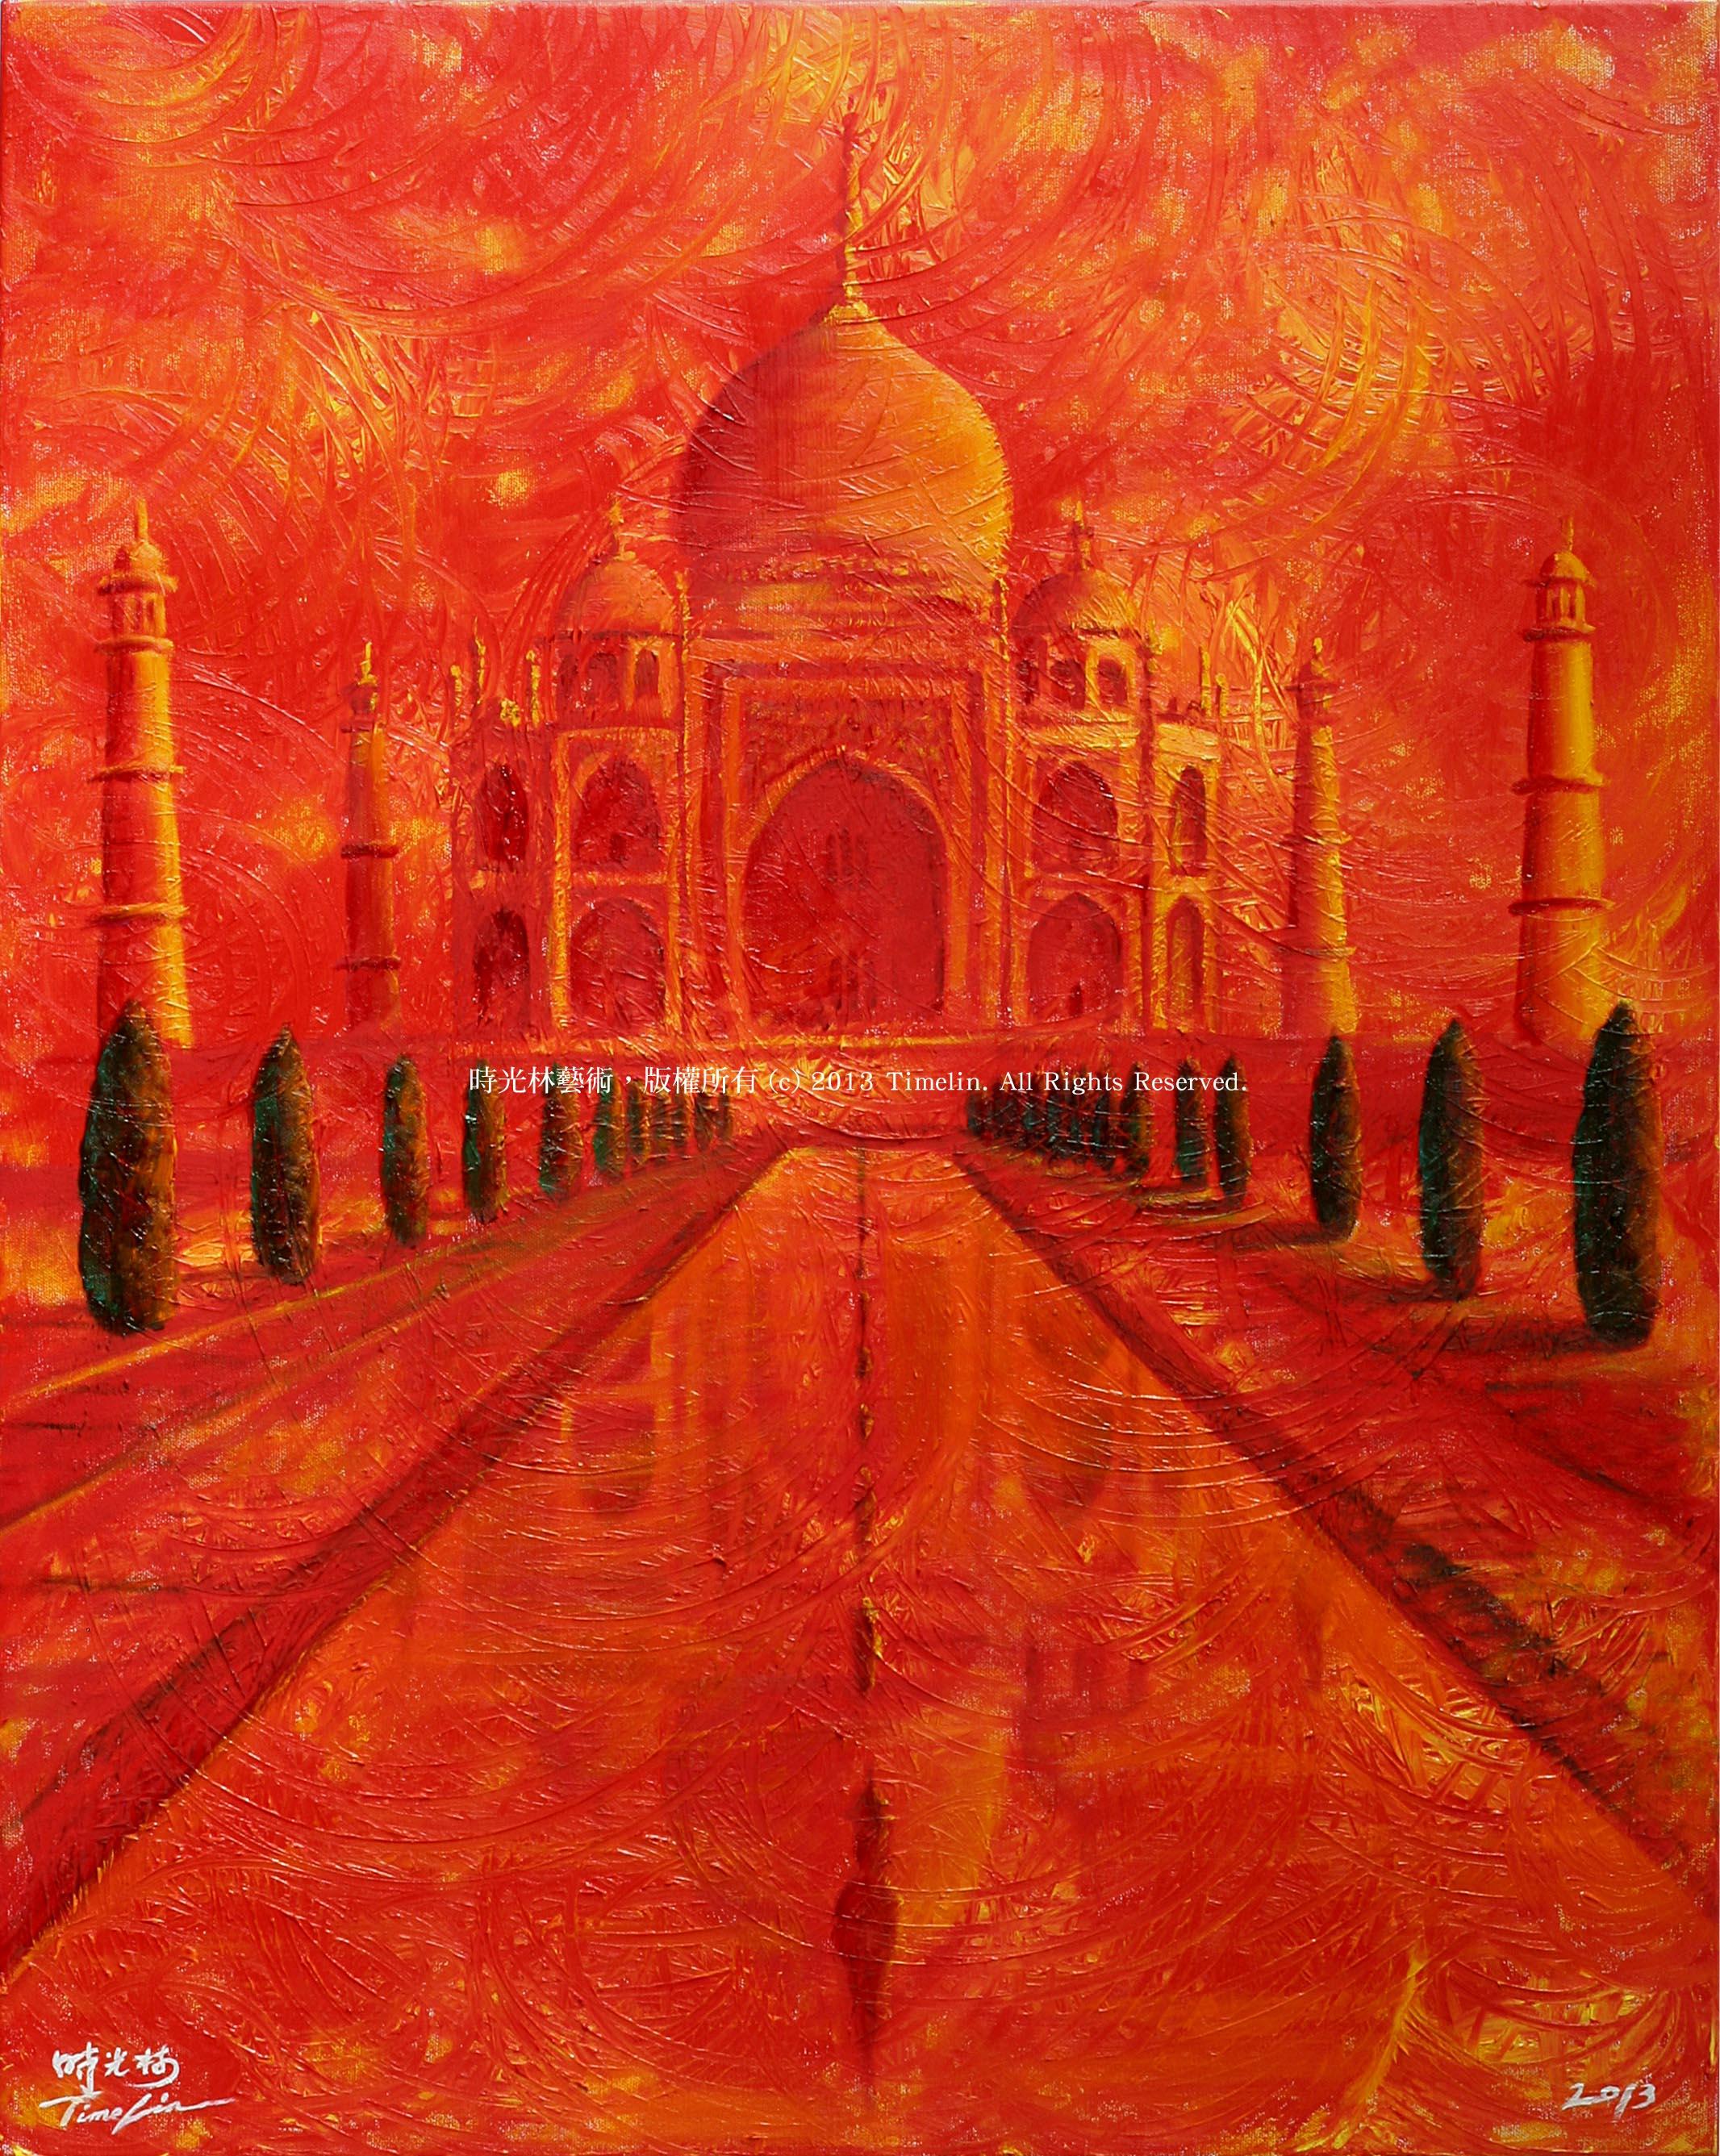 泰姬瑪哈陵時光Taj Mahal Time